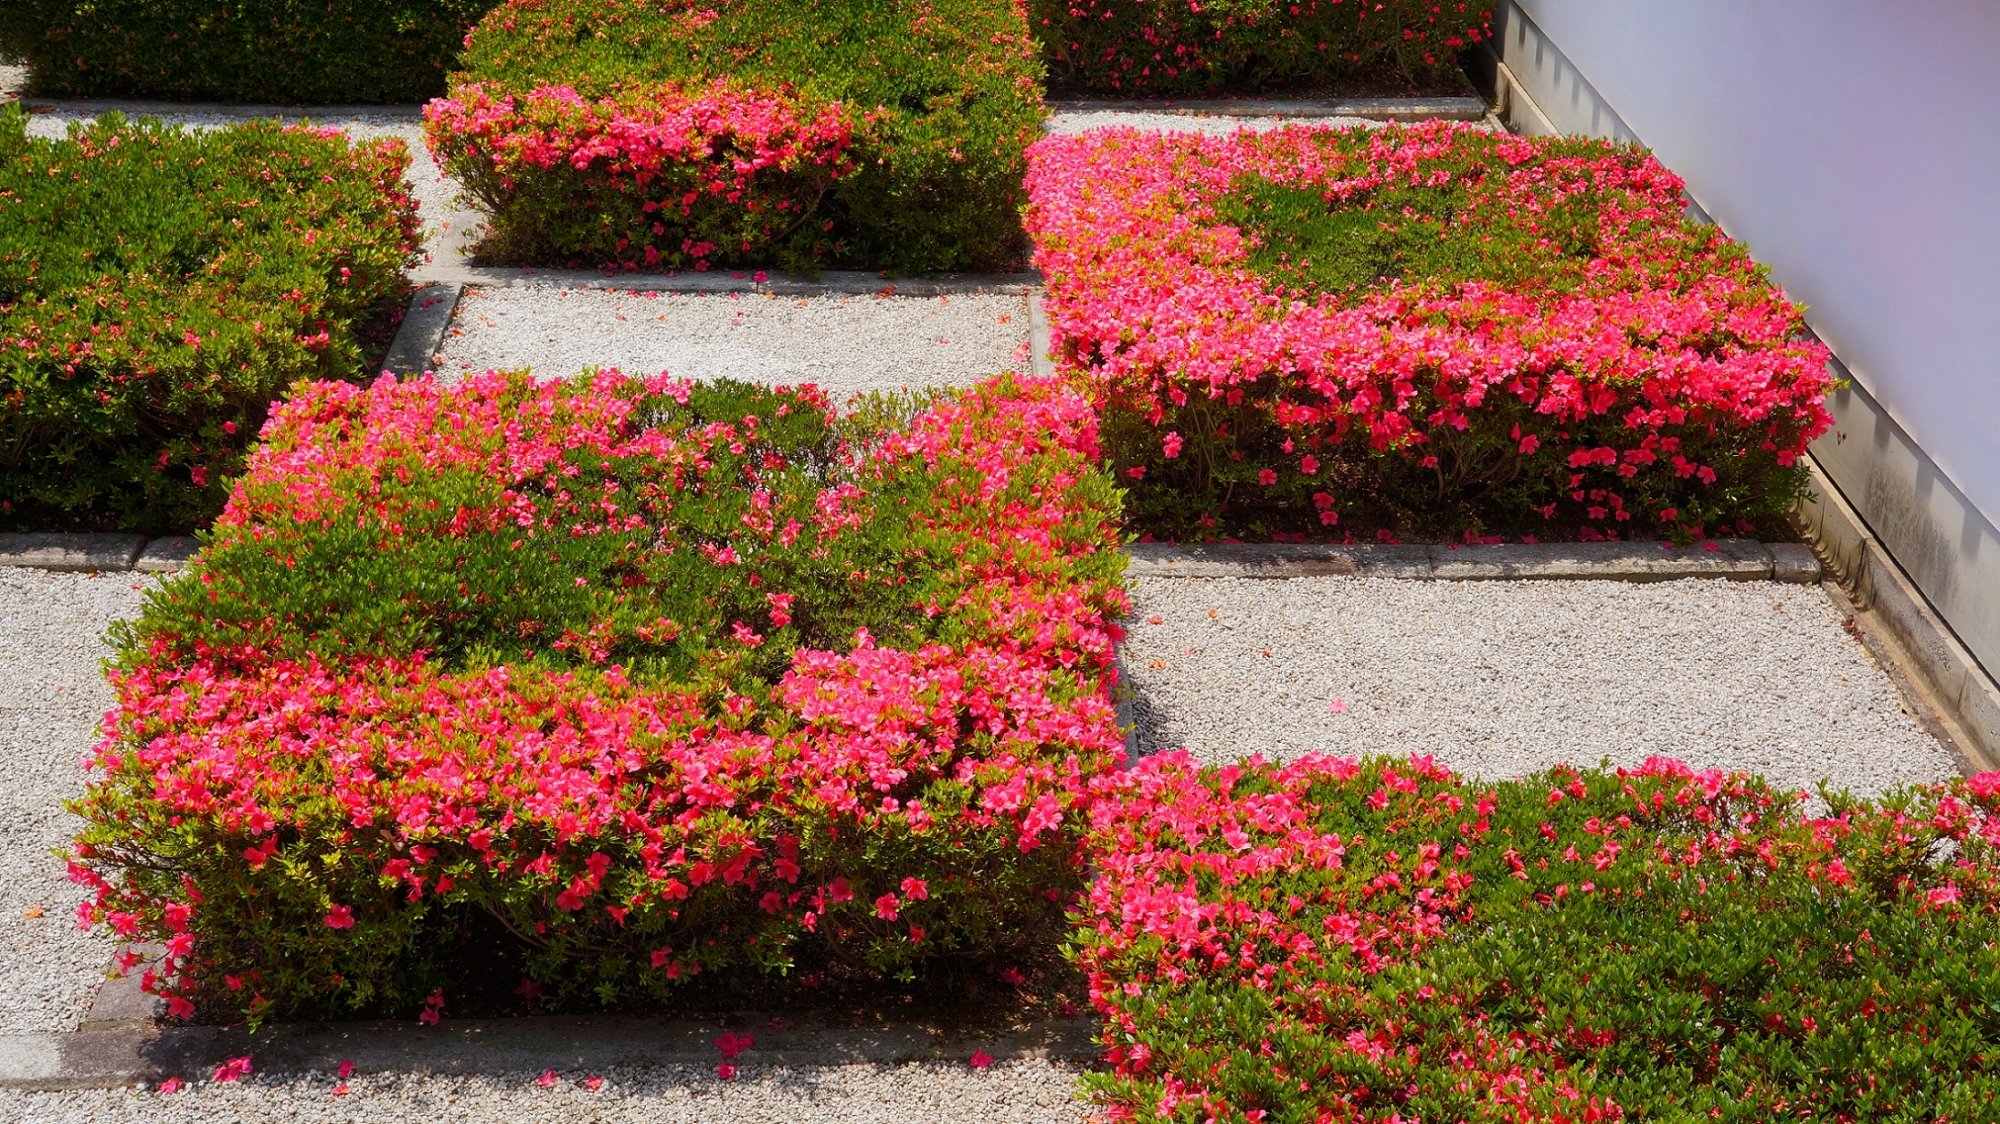 輝くピンクのさつきの花が彩る白砂と四角い刈り込み